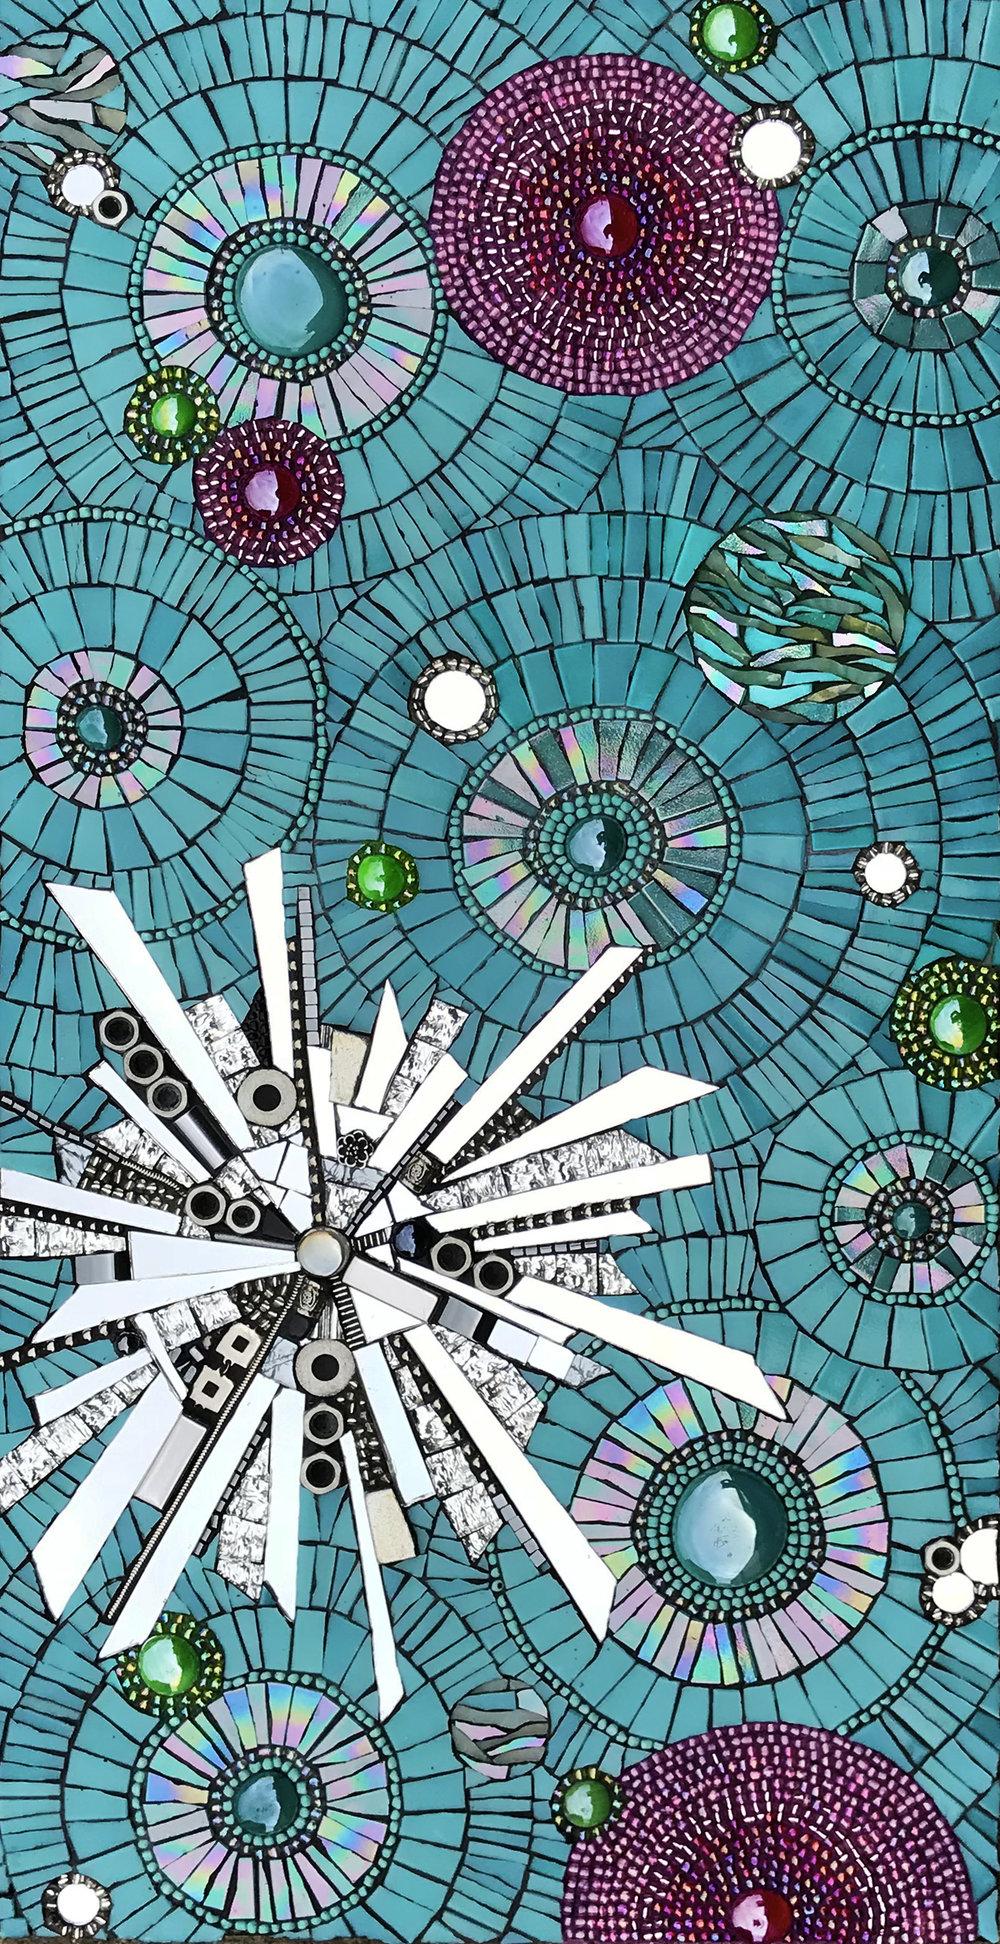 Visphot Mosaic